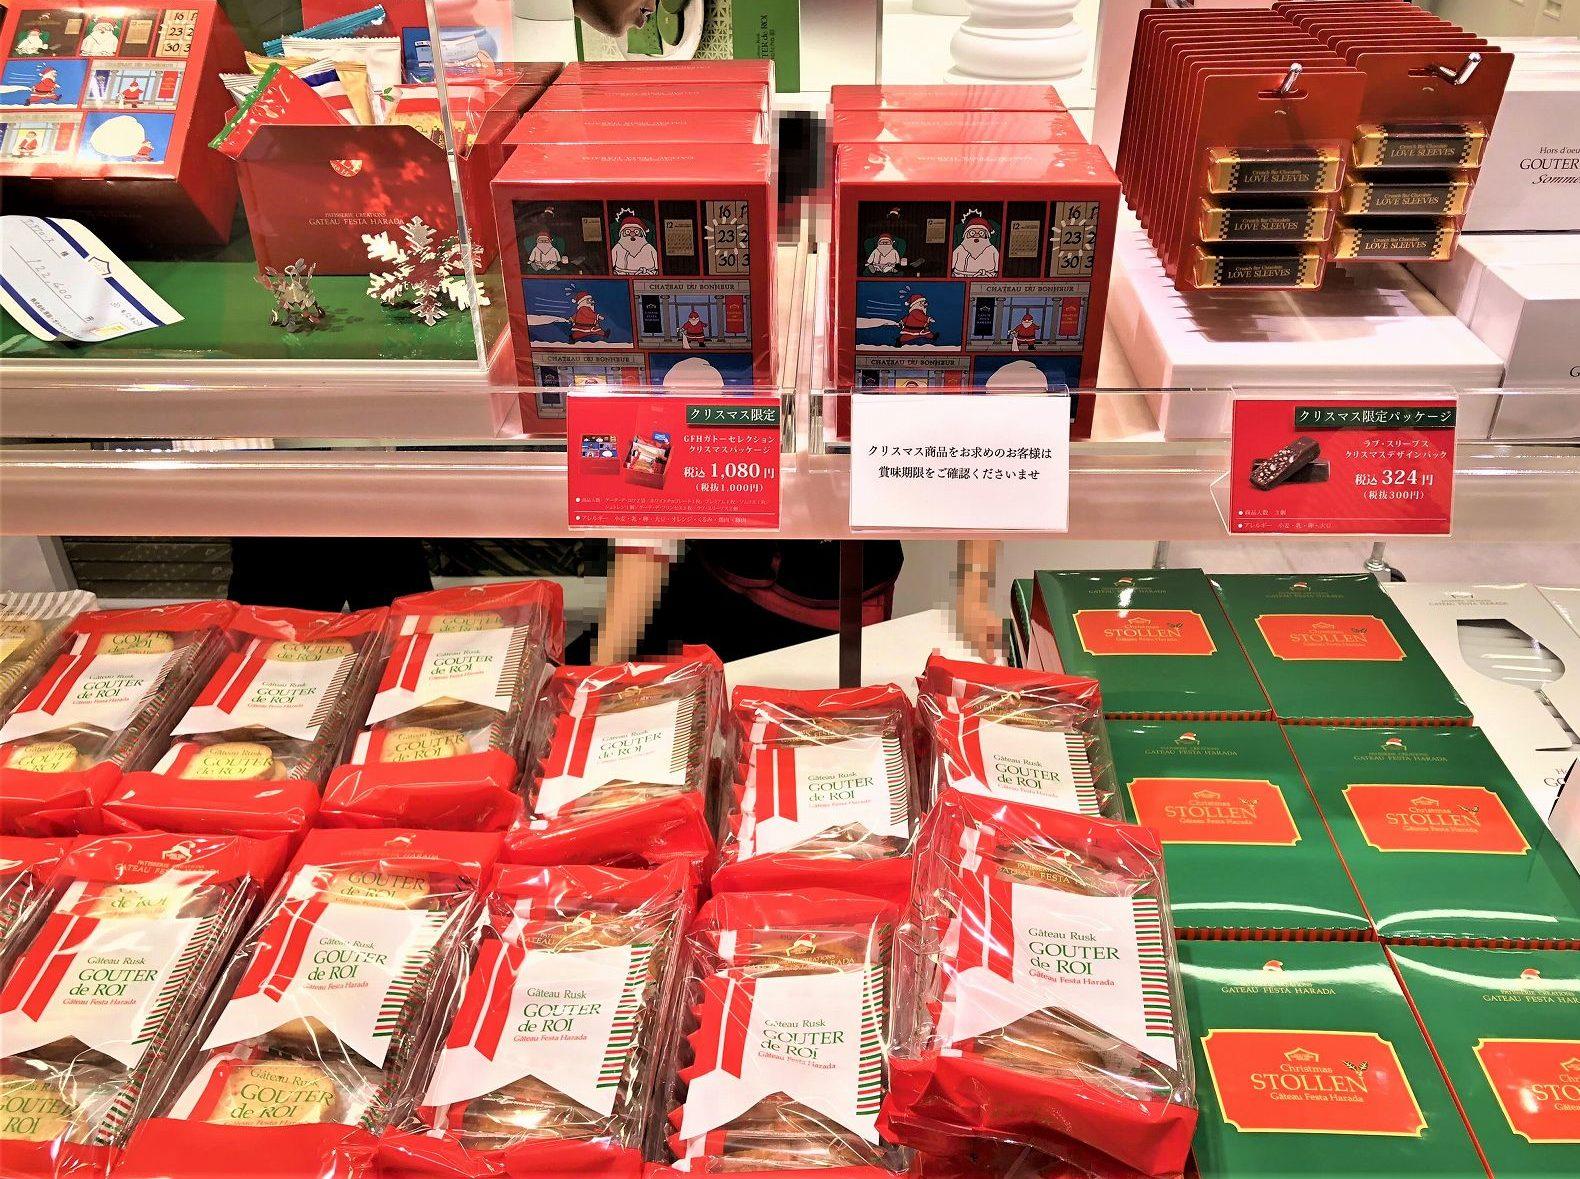 ラスクで有名な「ガトーフェスタ ハラダ」が、そごう神戸店にオープンしたので買ってみた! #そごう神戸店 #ガトーフェスタハラダ #ラスク #新規オープン #スイーツ